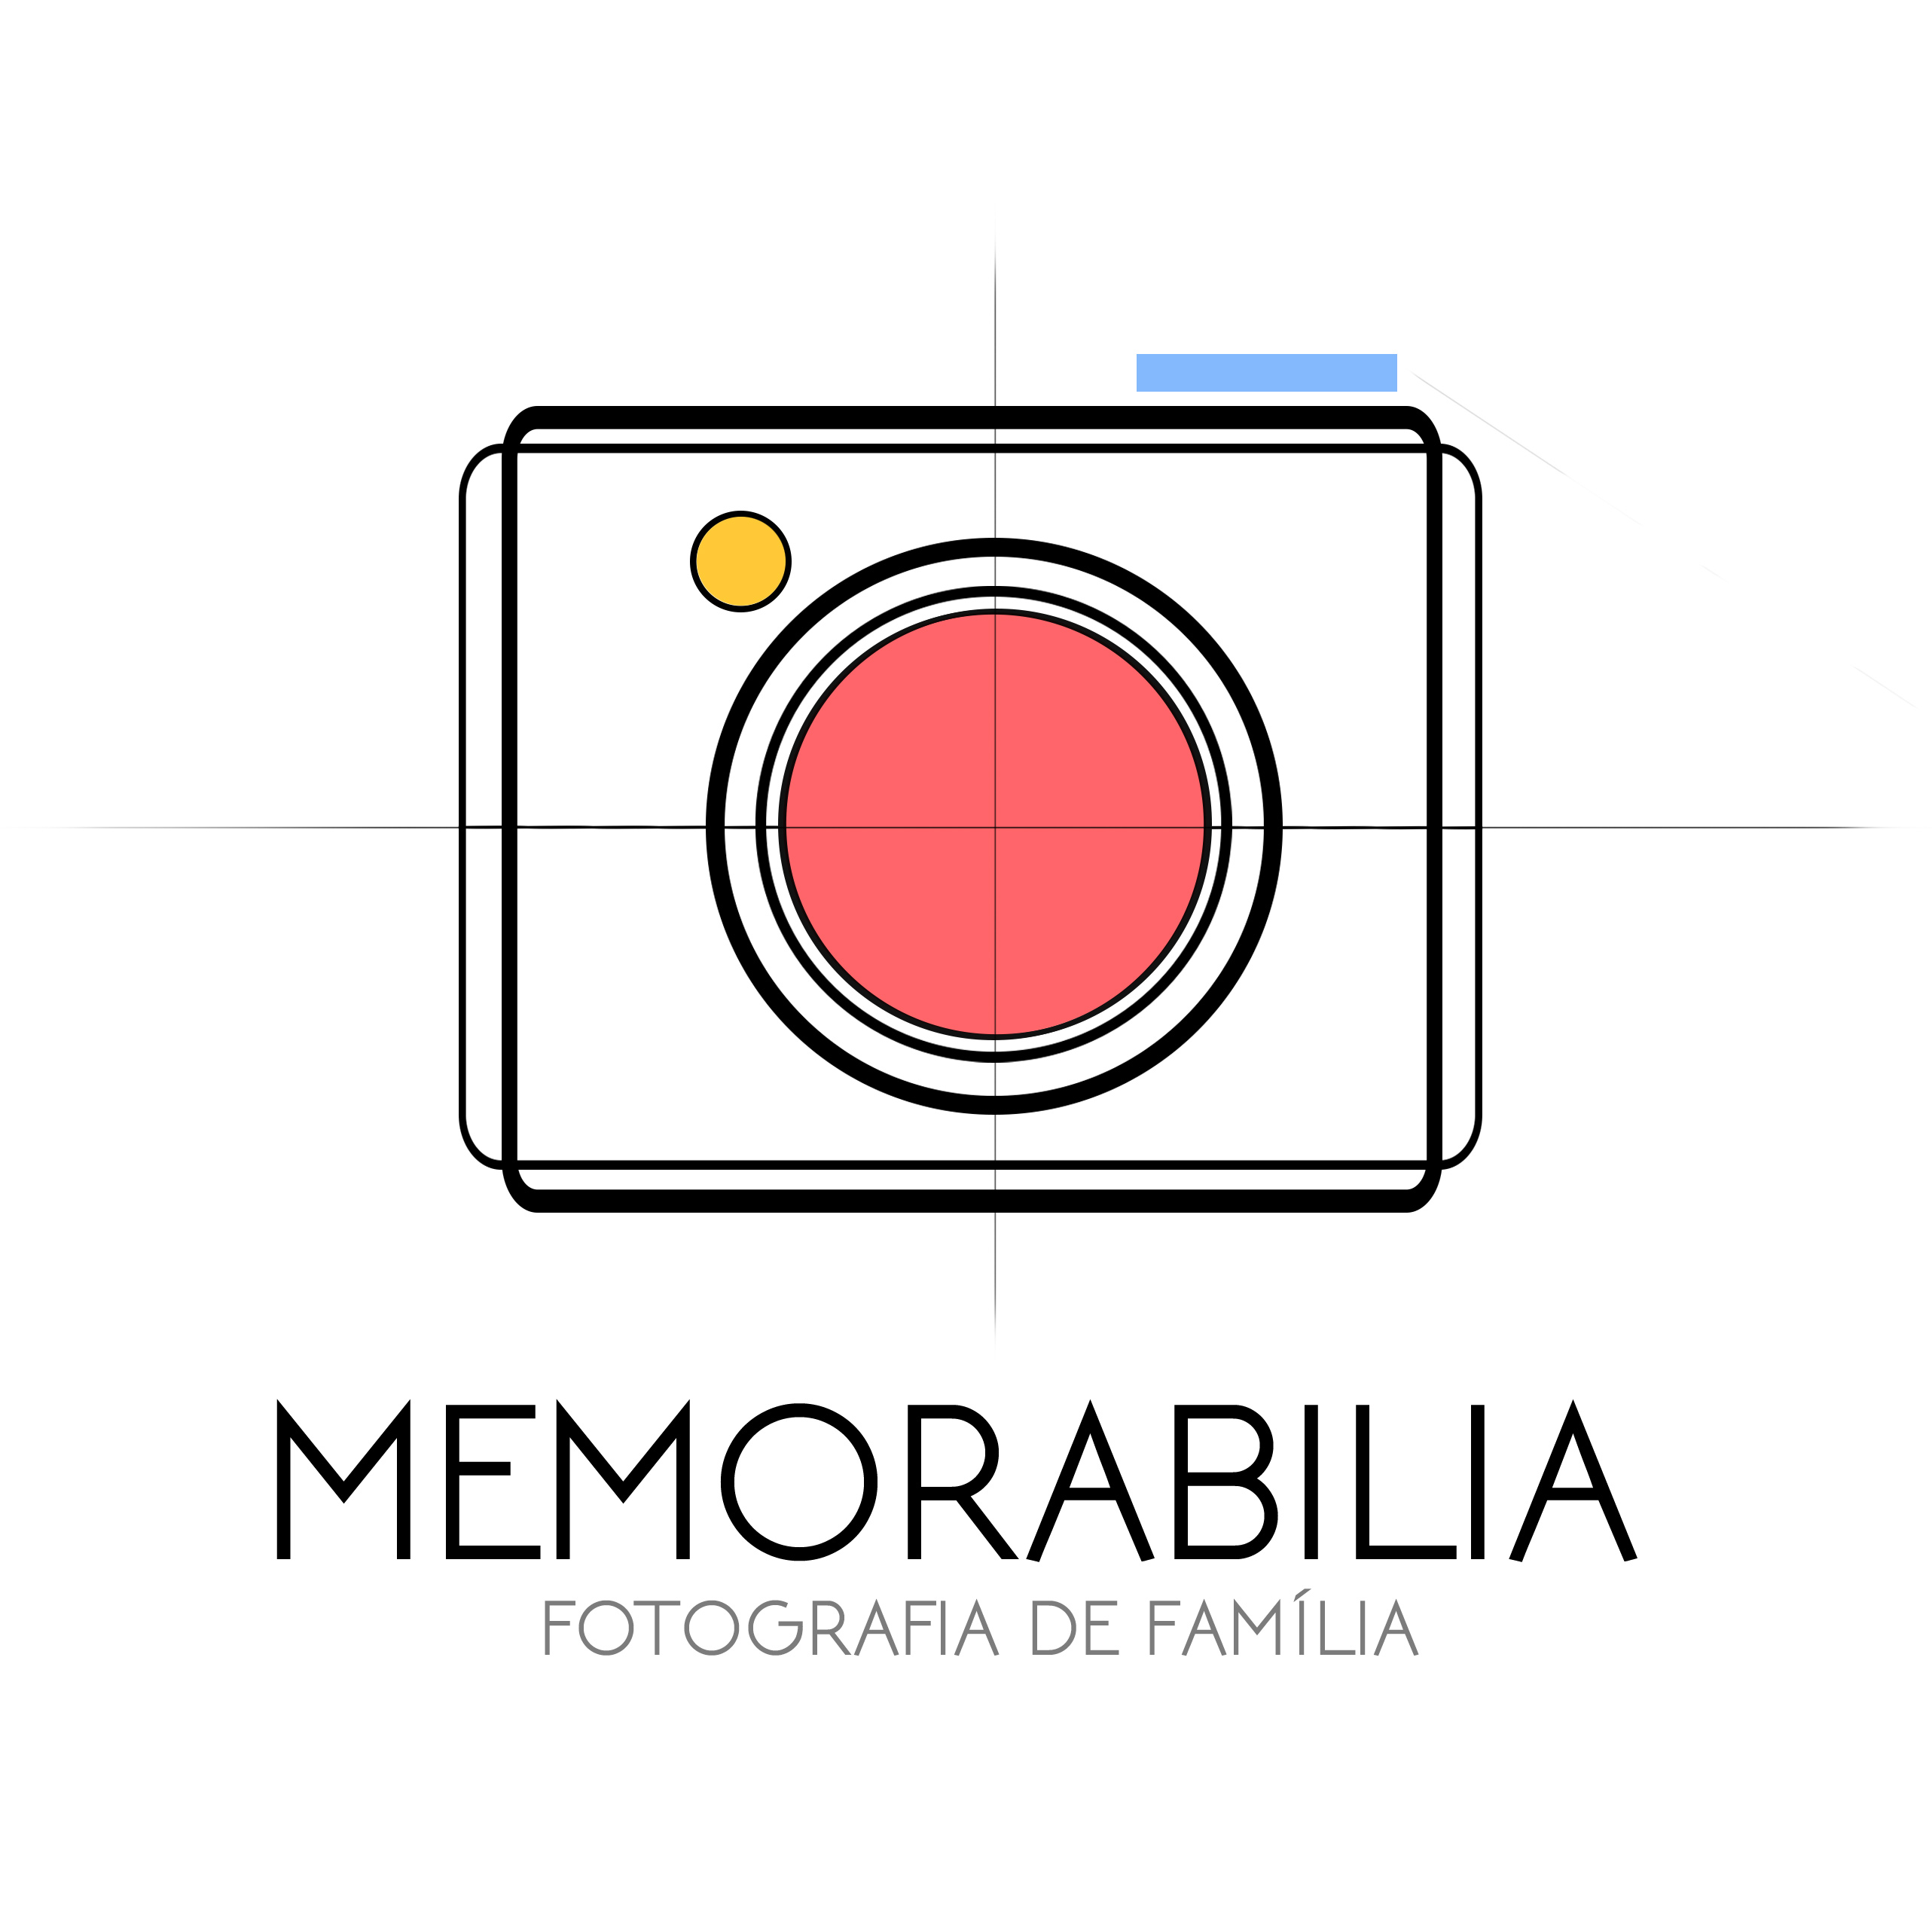 Memorabilia Logo_.pequenojpg